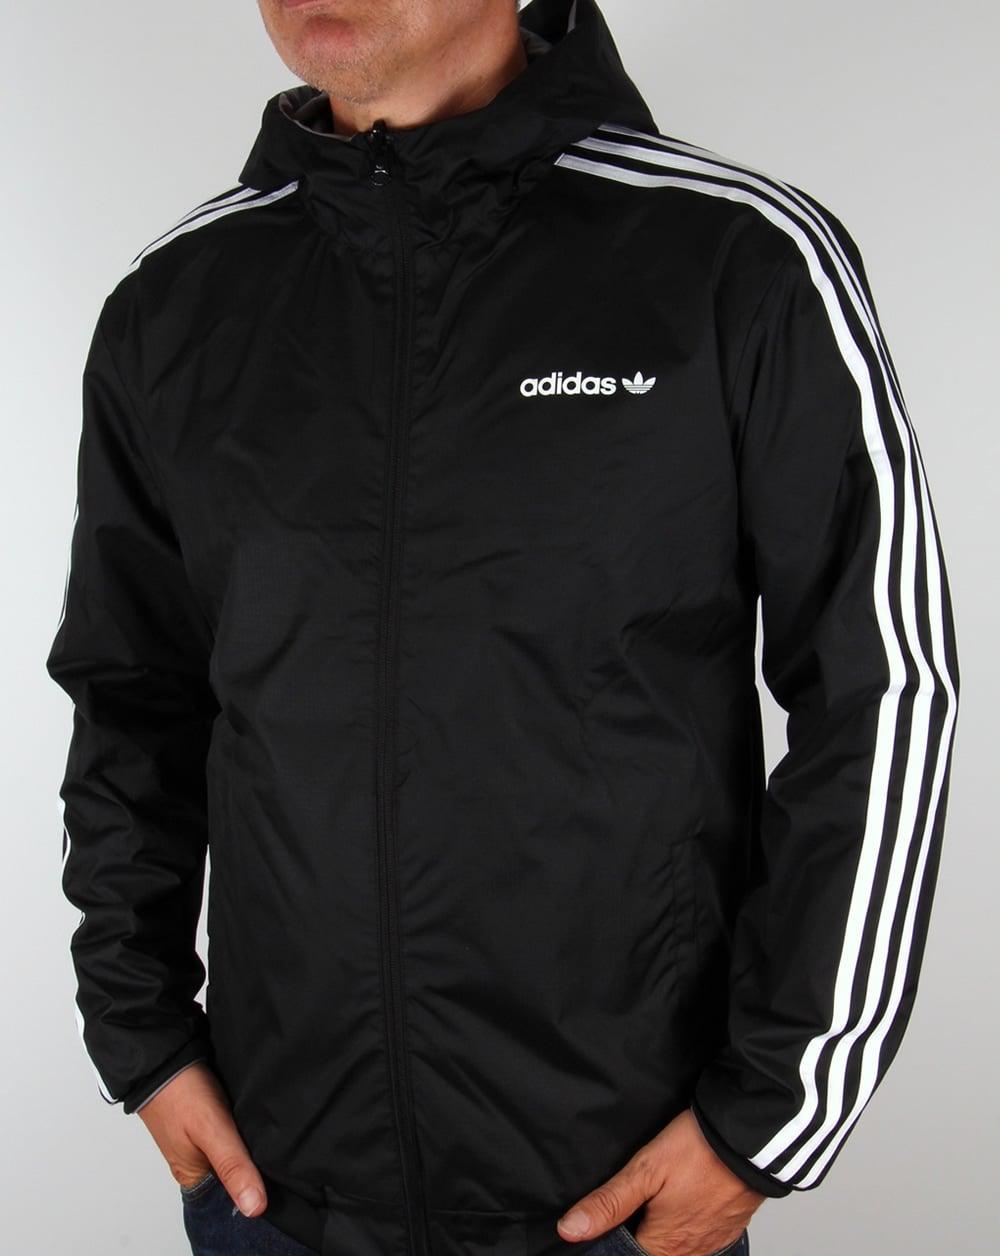 Adidas Originals Windbreaker Grey/Black,jacket,coat,retro, classic ...